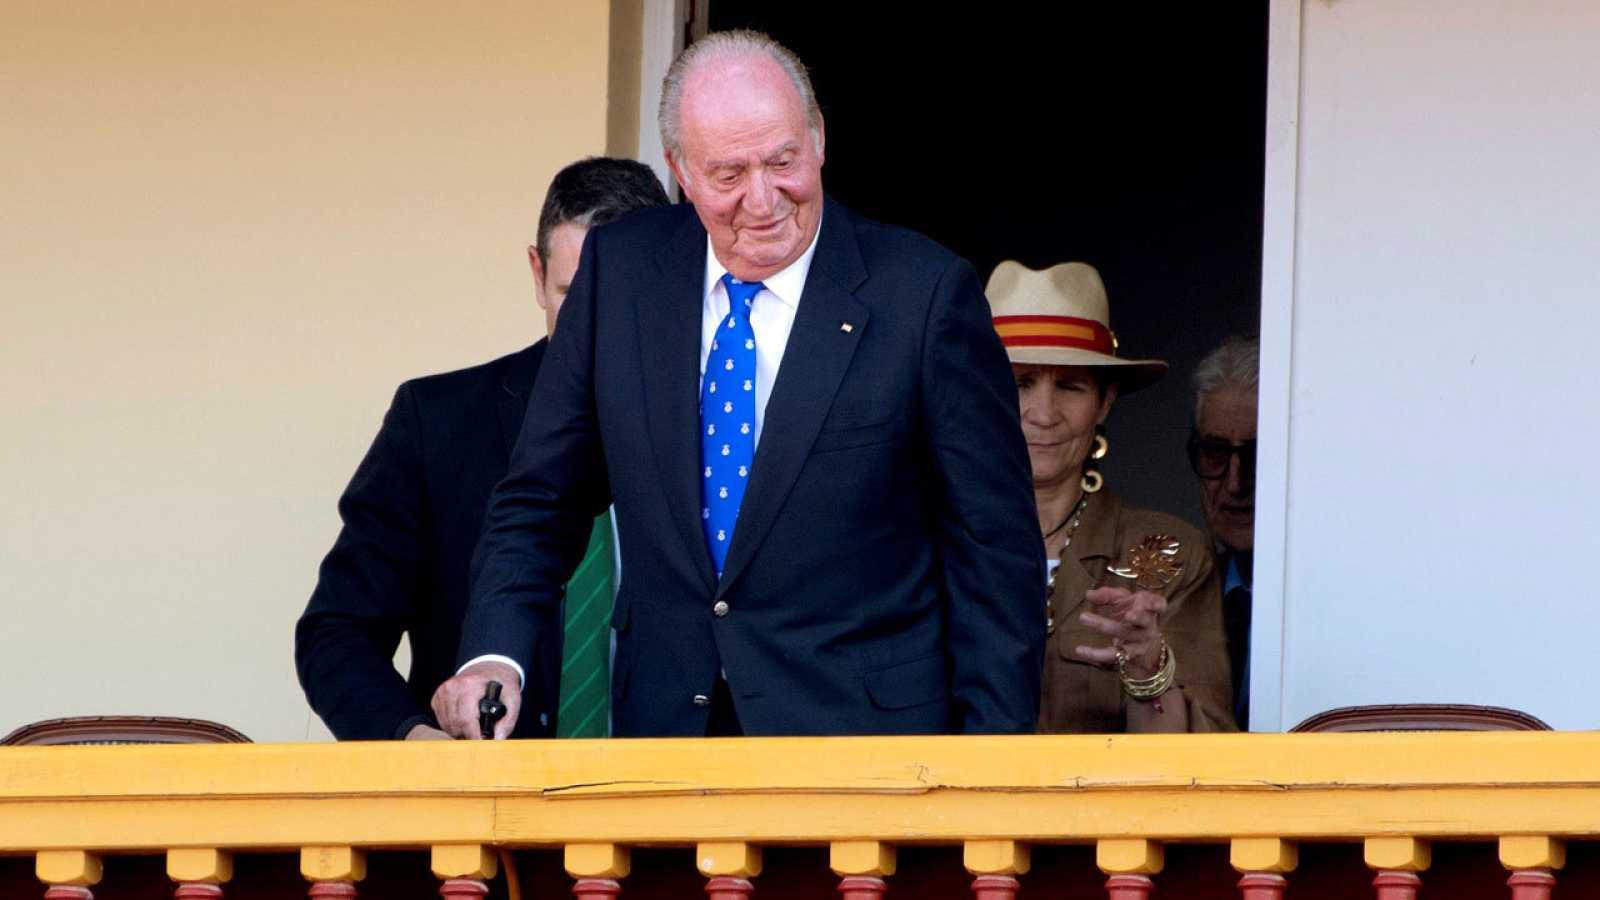 Un documento implica al rey Juan Carlos en la gestión de la sociedad panameña que recibió dinero de Suiza